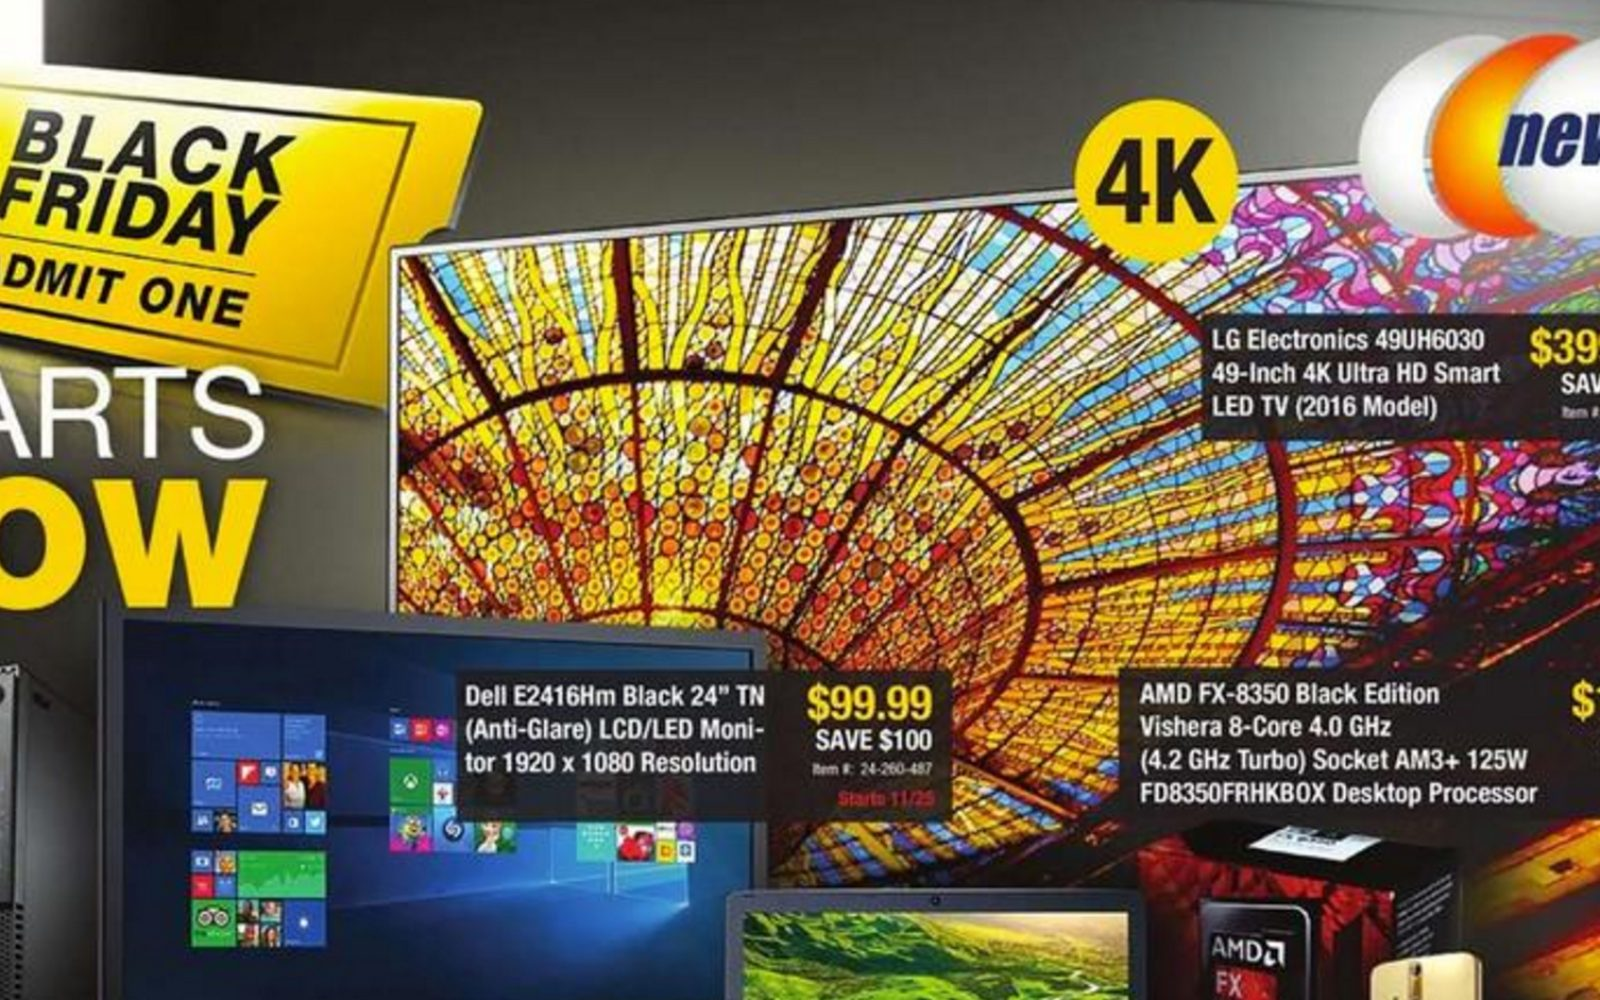 Newegg Black Friday 2016 Ad: LG 49-inch 4K Smart UHDTV $400